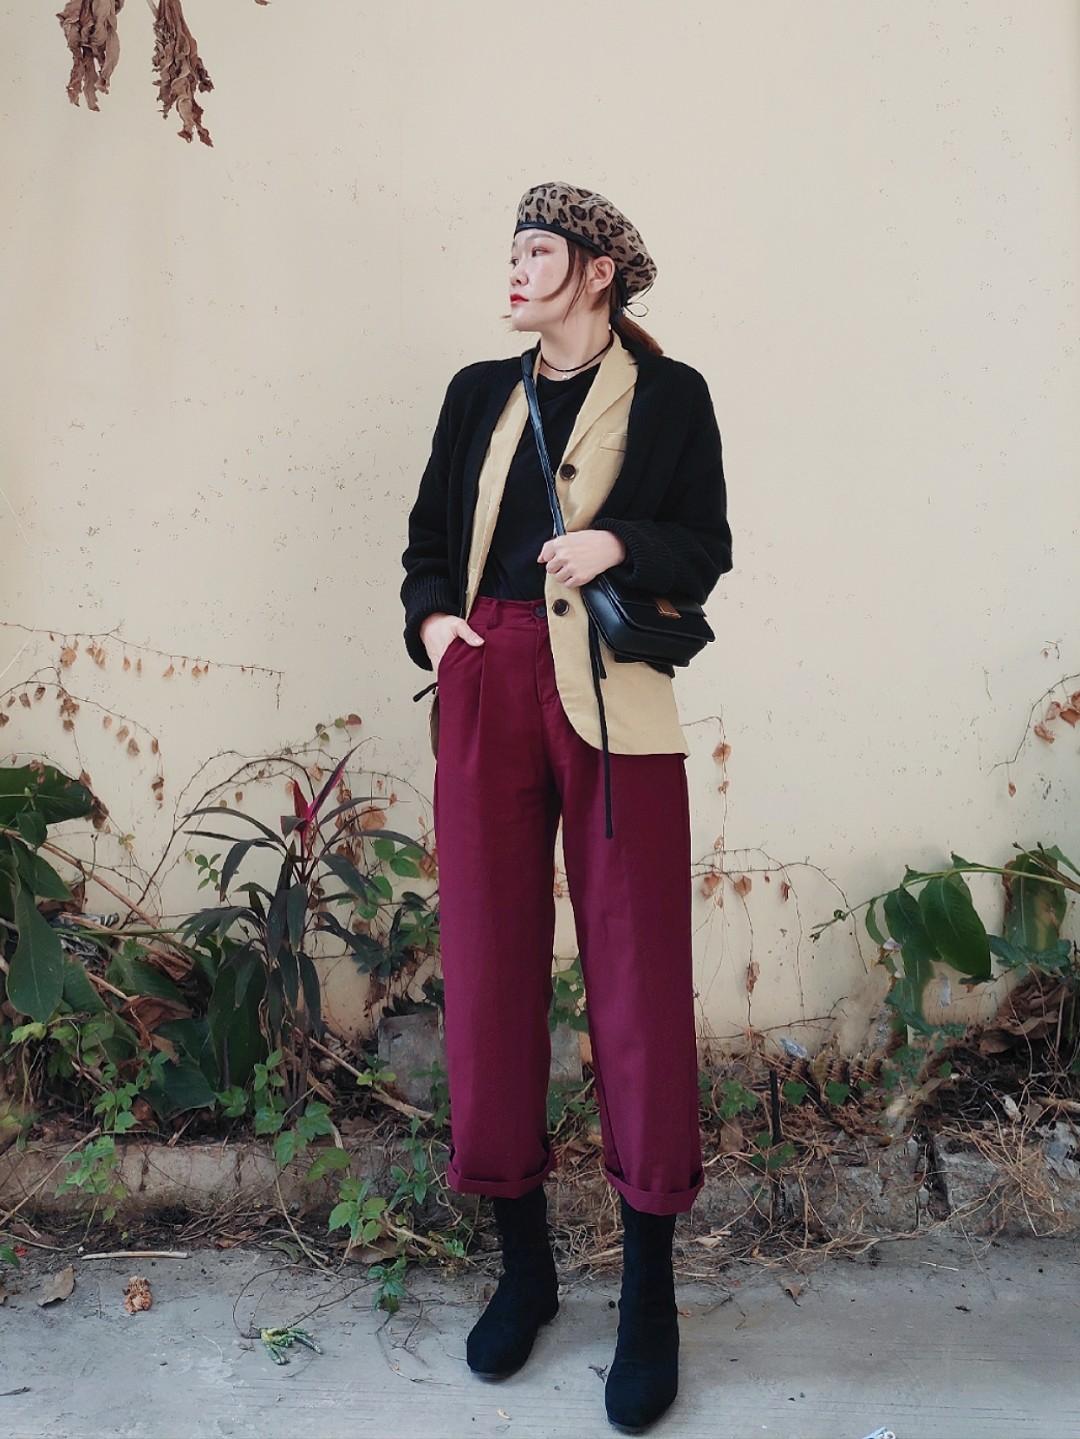 我的春装有很多搭配法则 黑色短款毛衣外套,单穿有些单调,怎么来增加巧妙感呢?搭配一件春装西服!叠加起来薄厚适中~不怕冷! 嫩黄色和酒红色的撞色搭配很有特点 搭配上外套同色系的小挎包~视觉上拉长腿部都是小套路哦~  #我的外套里已经穿好这些春装啦!#